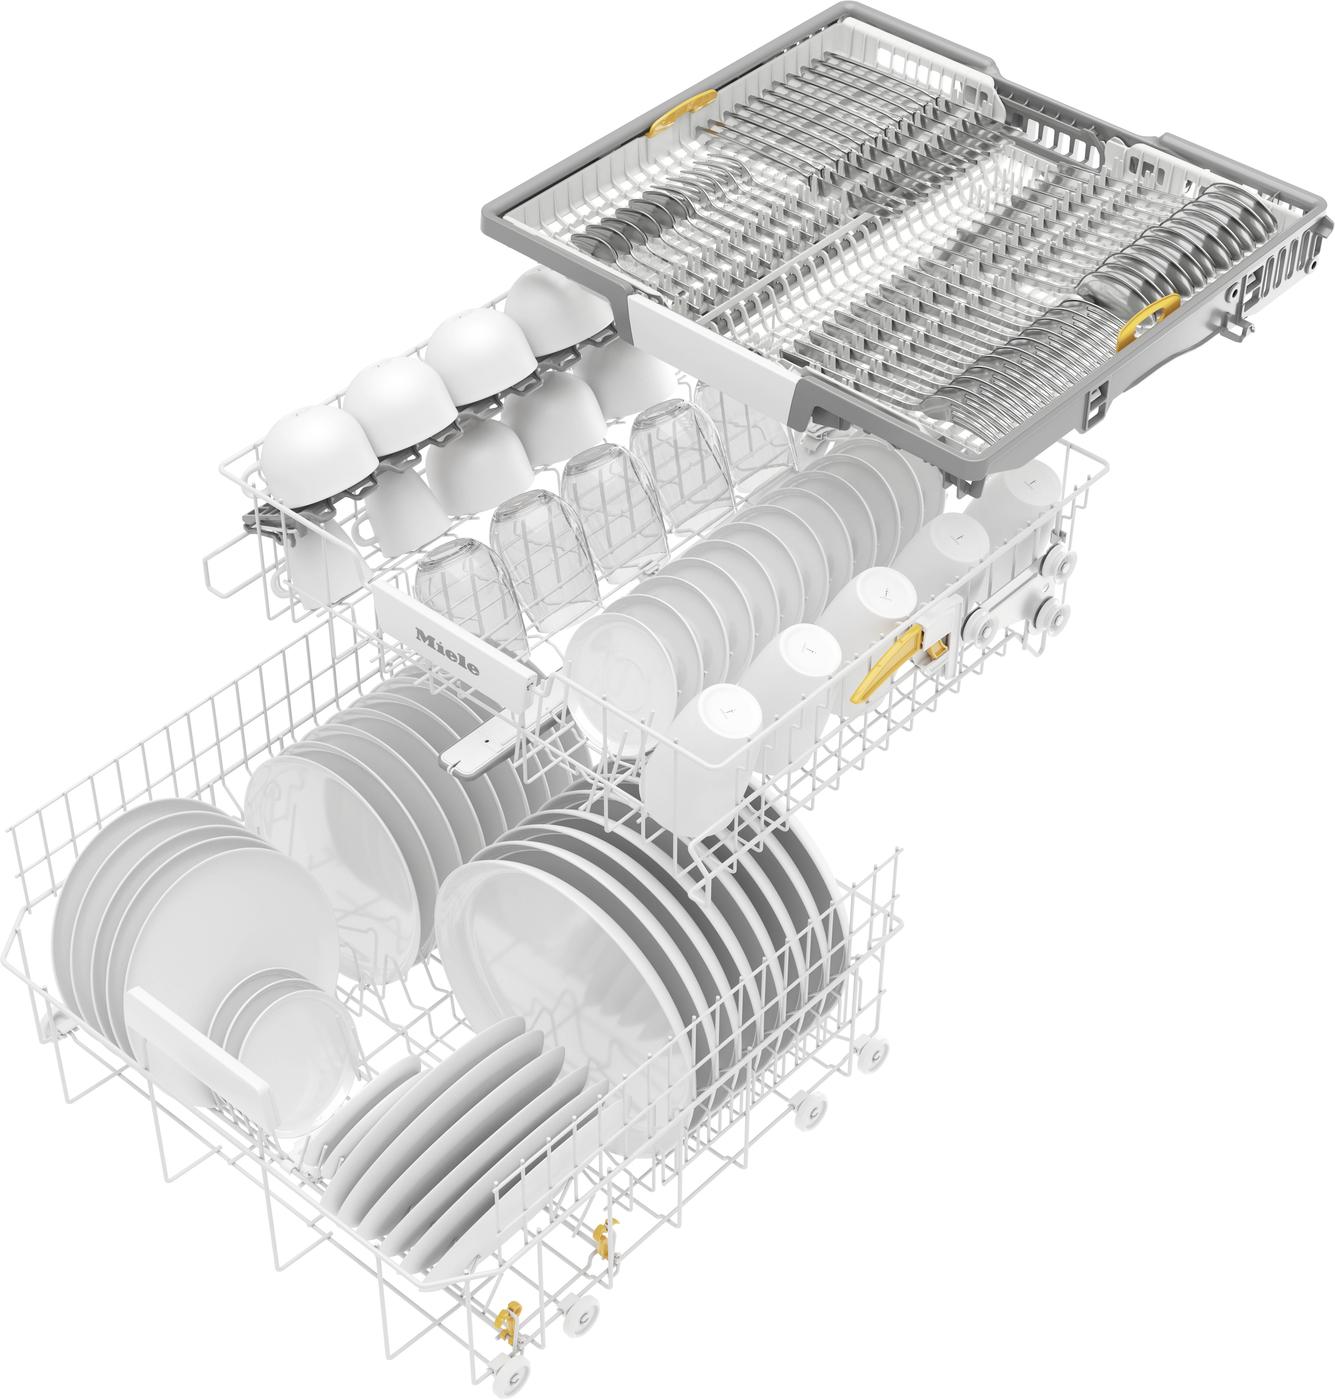 Удобно и надёжно можно разместить крупные и мелкие предметы посуды в коробах FlexLine и запатентованном поддоне для столовой посуды 3D MultiFlex (в зависимости от модели).